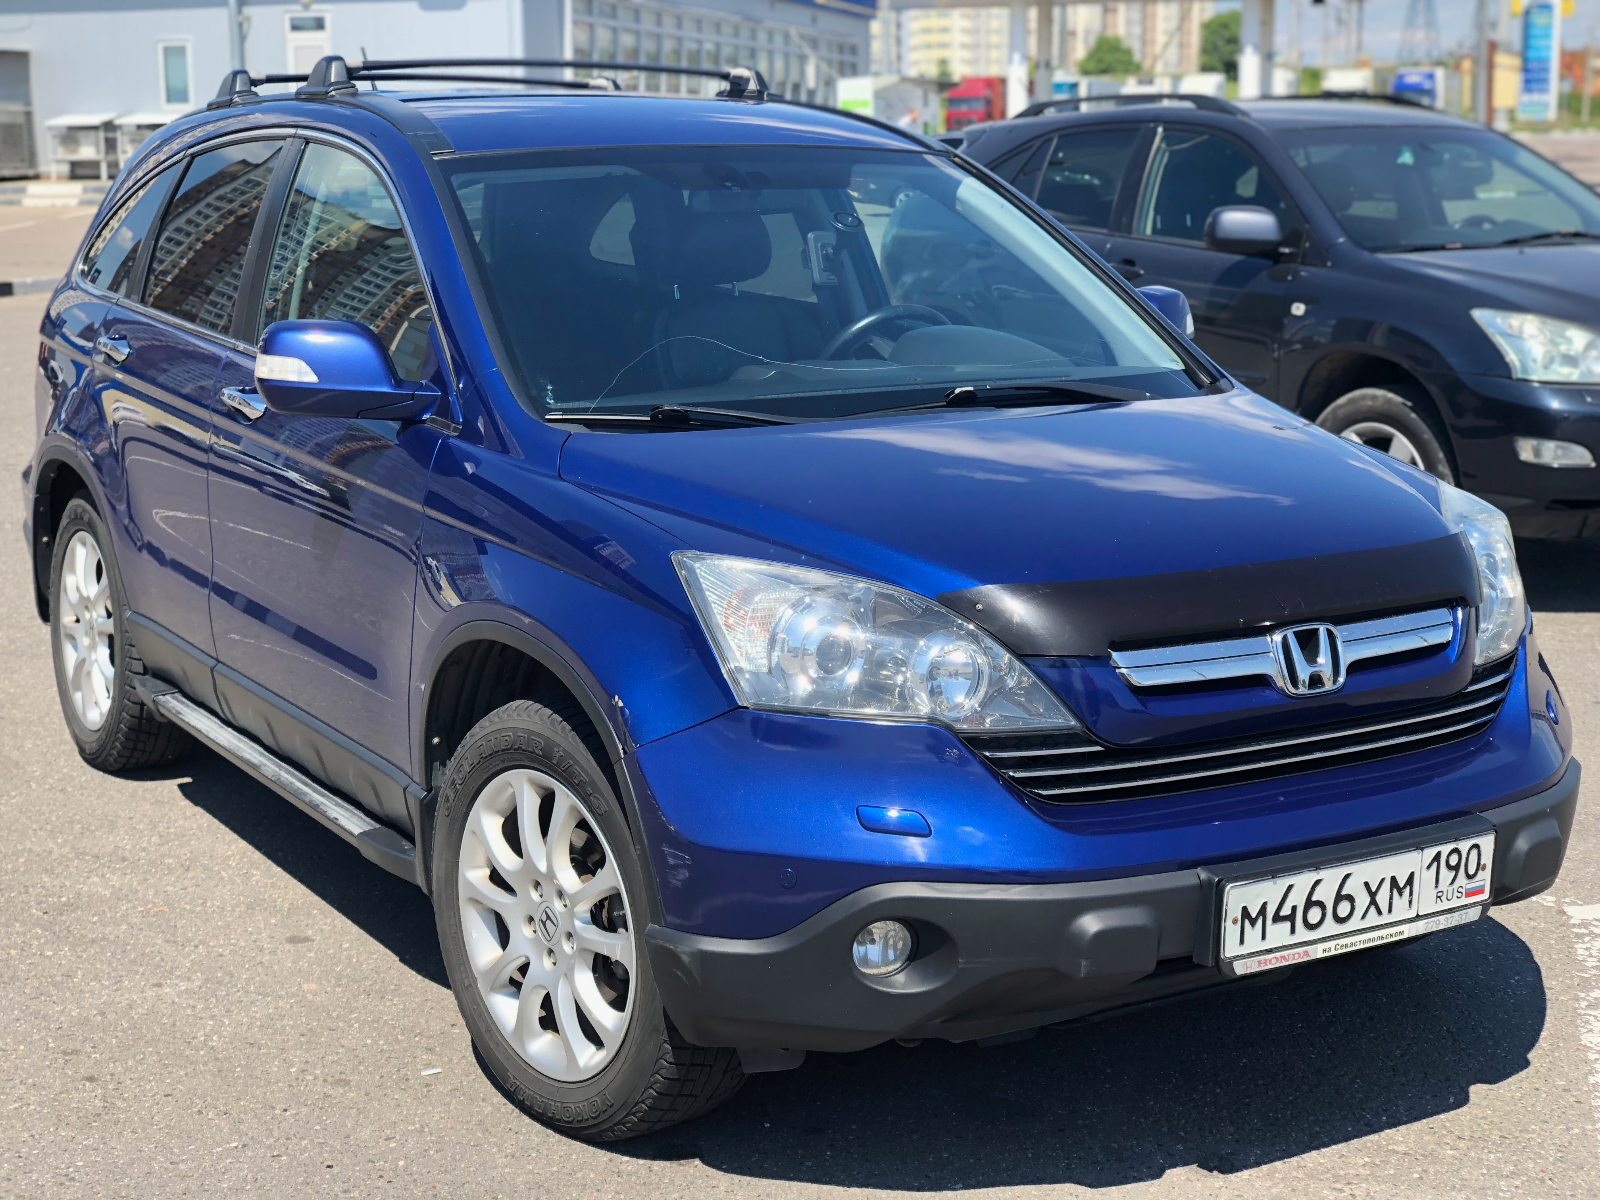 Honda CR- V 2008 г.2.4 бензин,АКП.2 Владельца,ПТС ориг.3 Косметических окраса.Пробег : 145 тыс км.2 комлекта резины.Время поиска 5 дней.Цена : 750 000 тыс р.